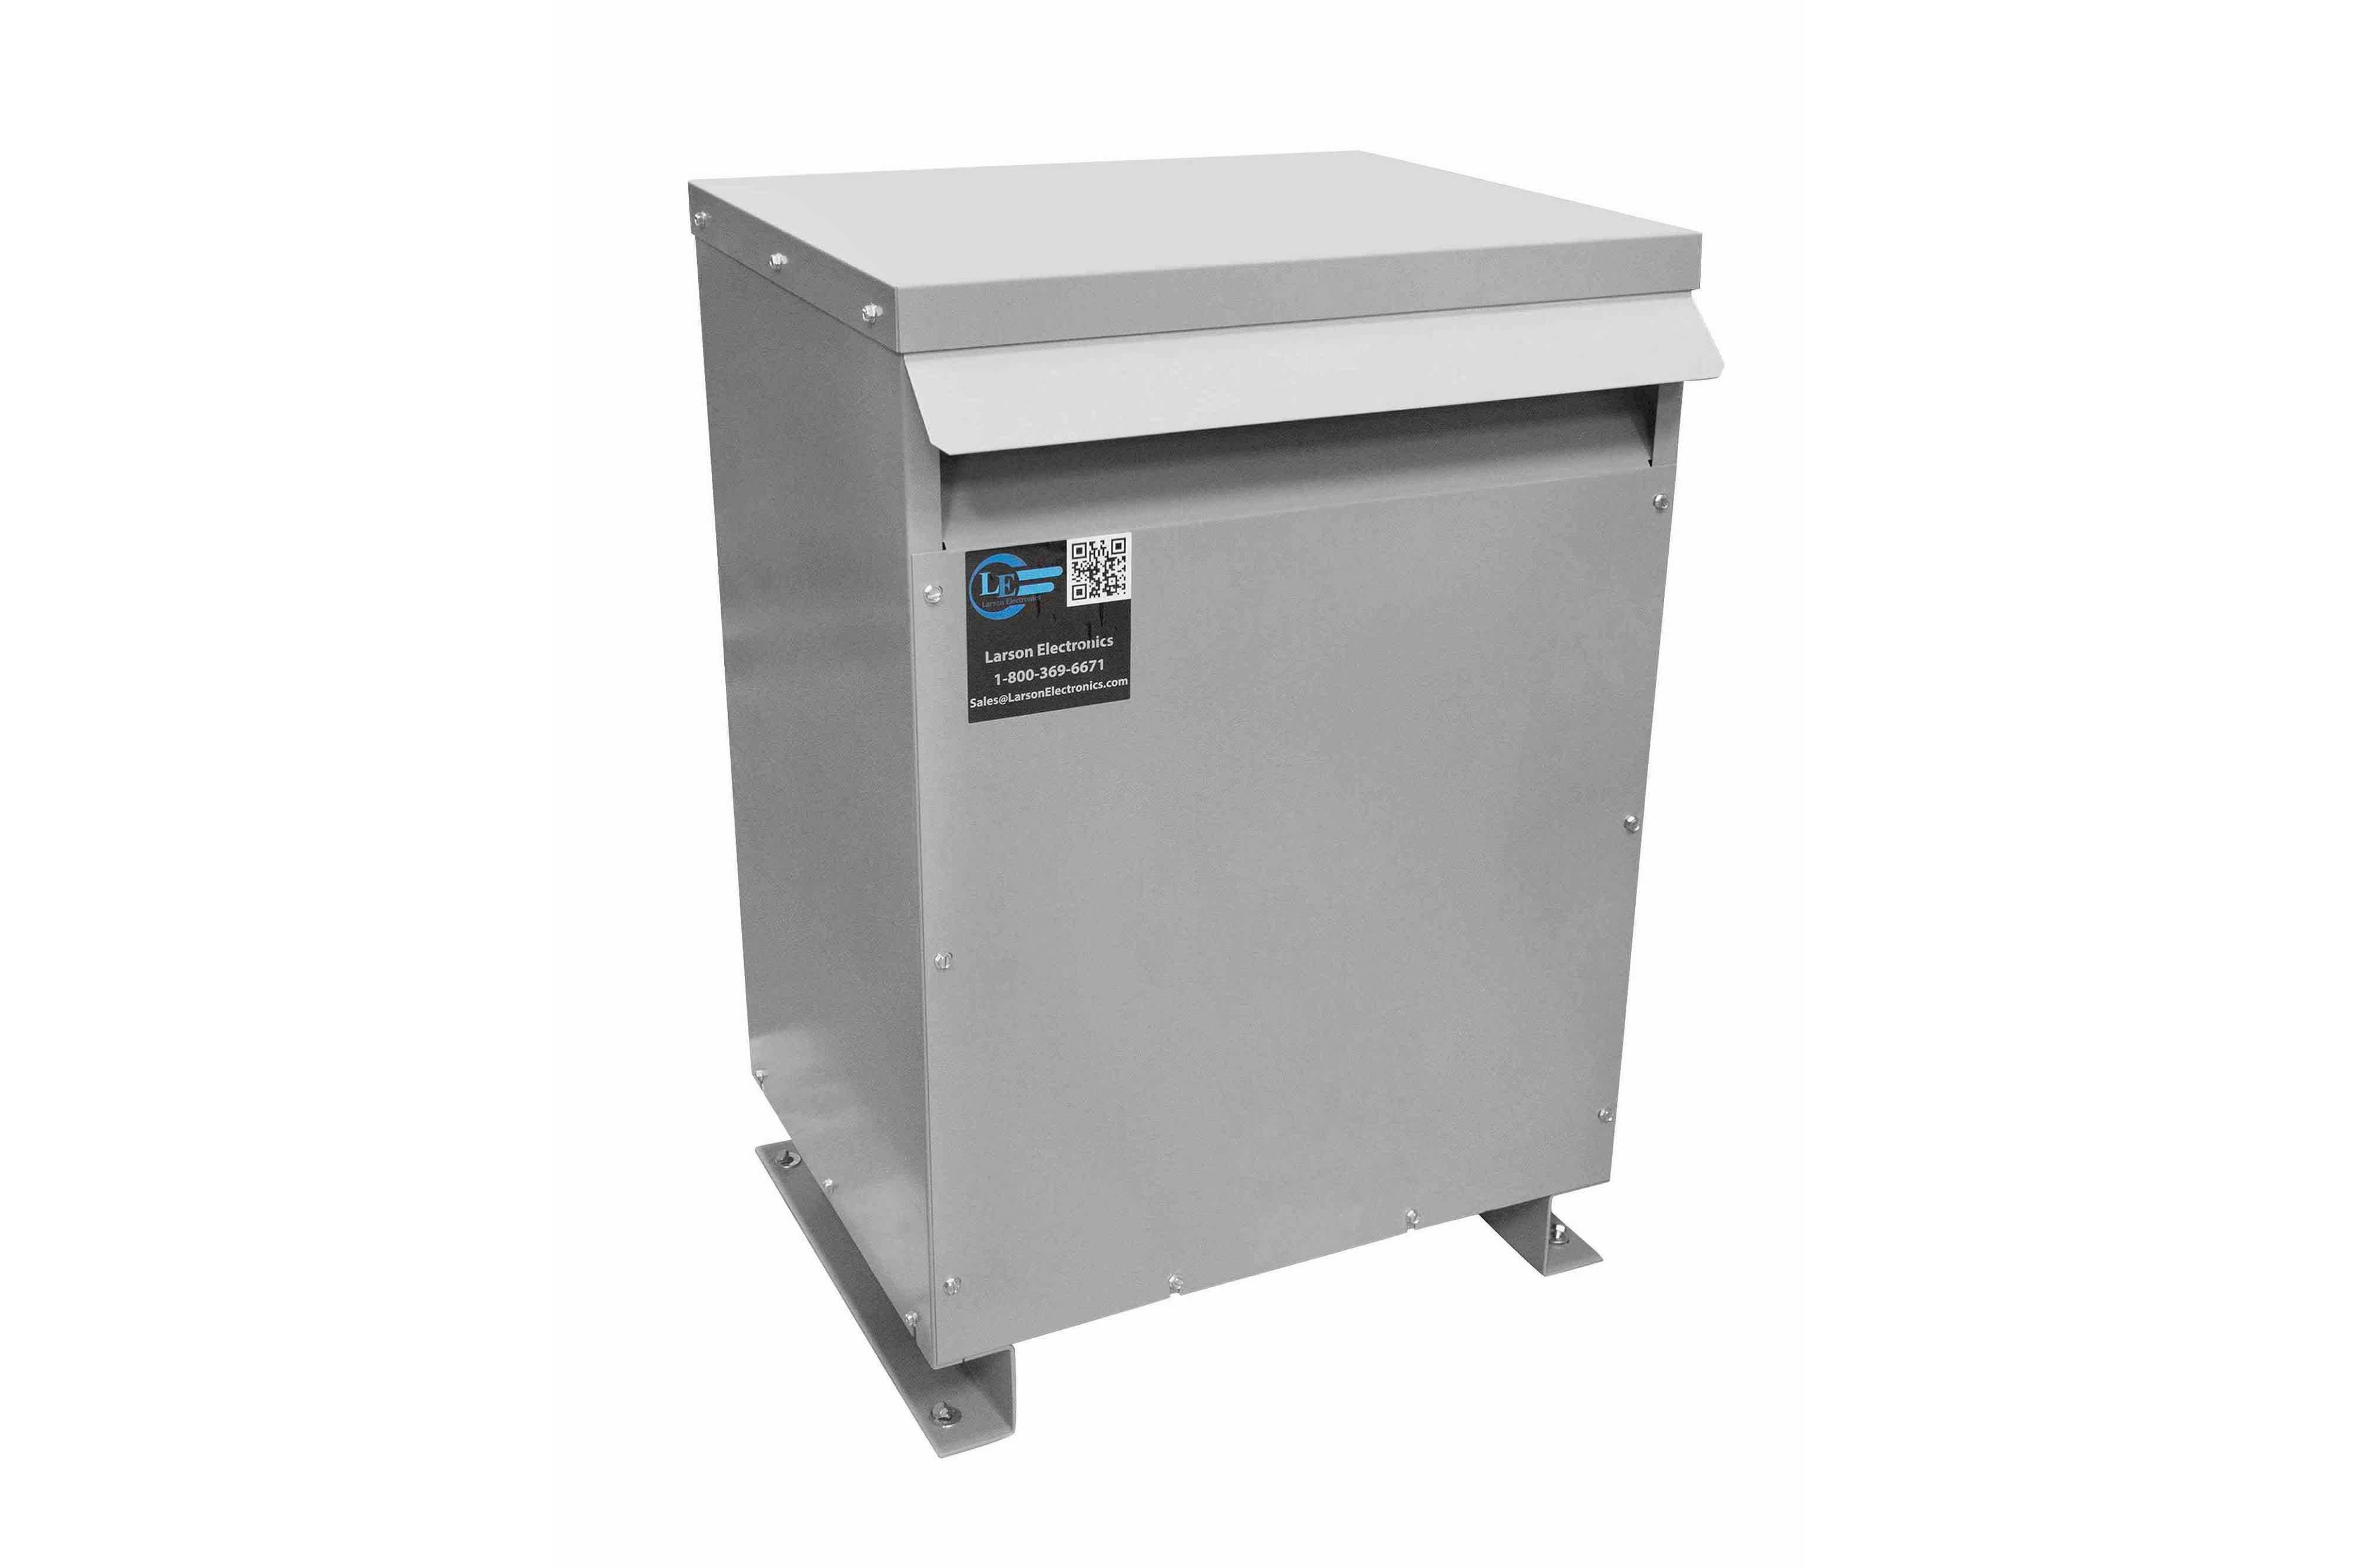 237.5 kVA 3PH Isolation Transformer, 220V Delta Primary, 480V Delta Secondary, N3R, Ventilated, 60 Hz